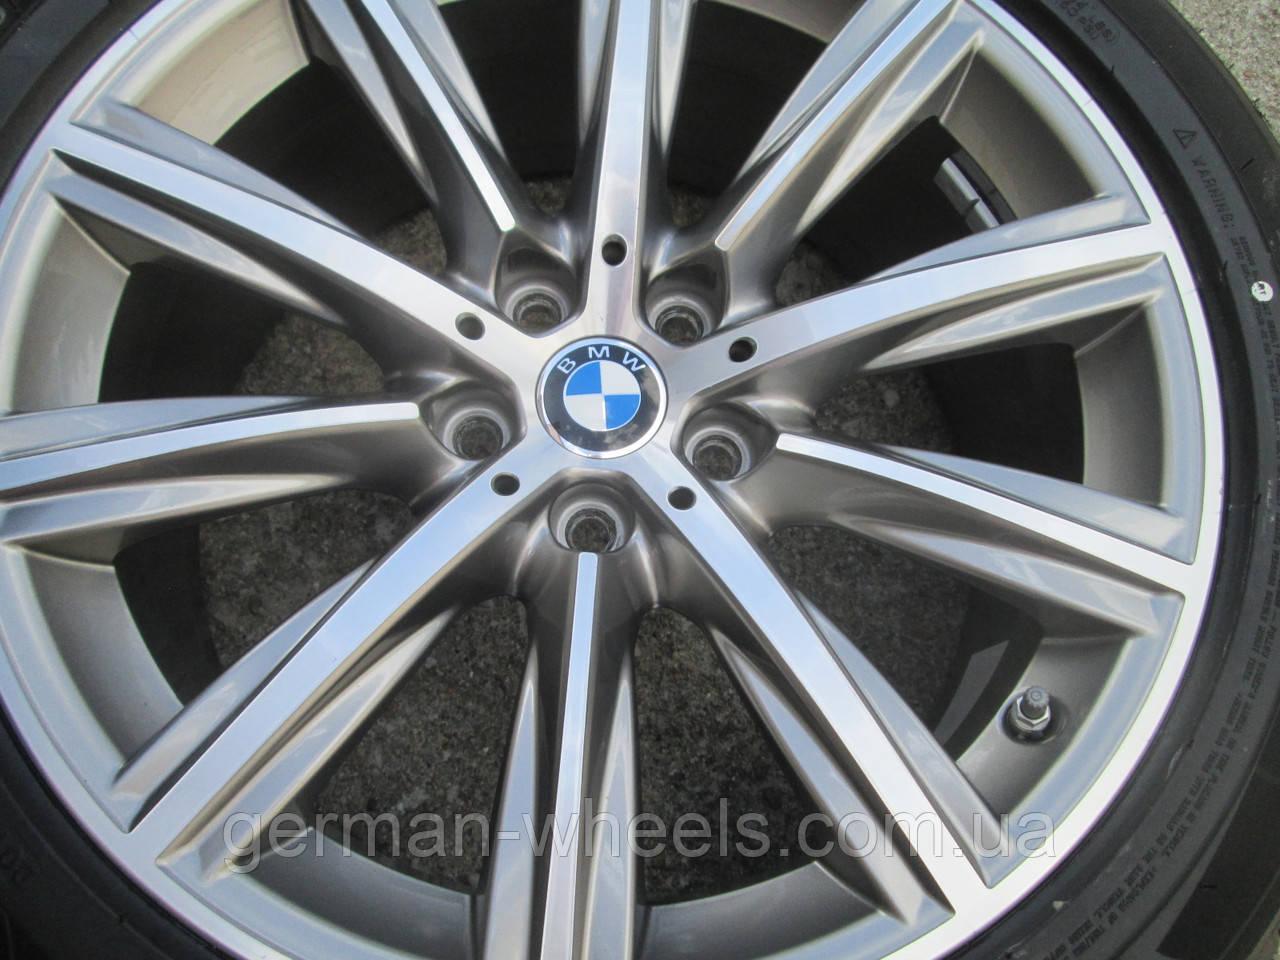 18 оригинальные колеса диски на BMW 5 M/// G30/G31, style 684 - German Wheels | Немецкие колеса в Киеве